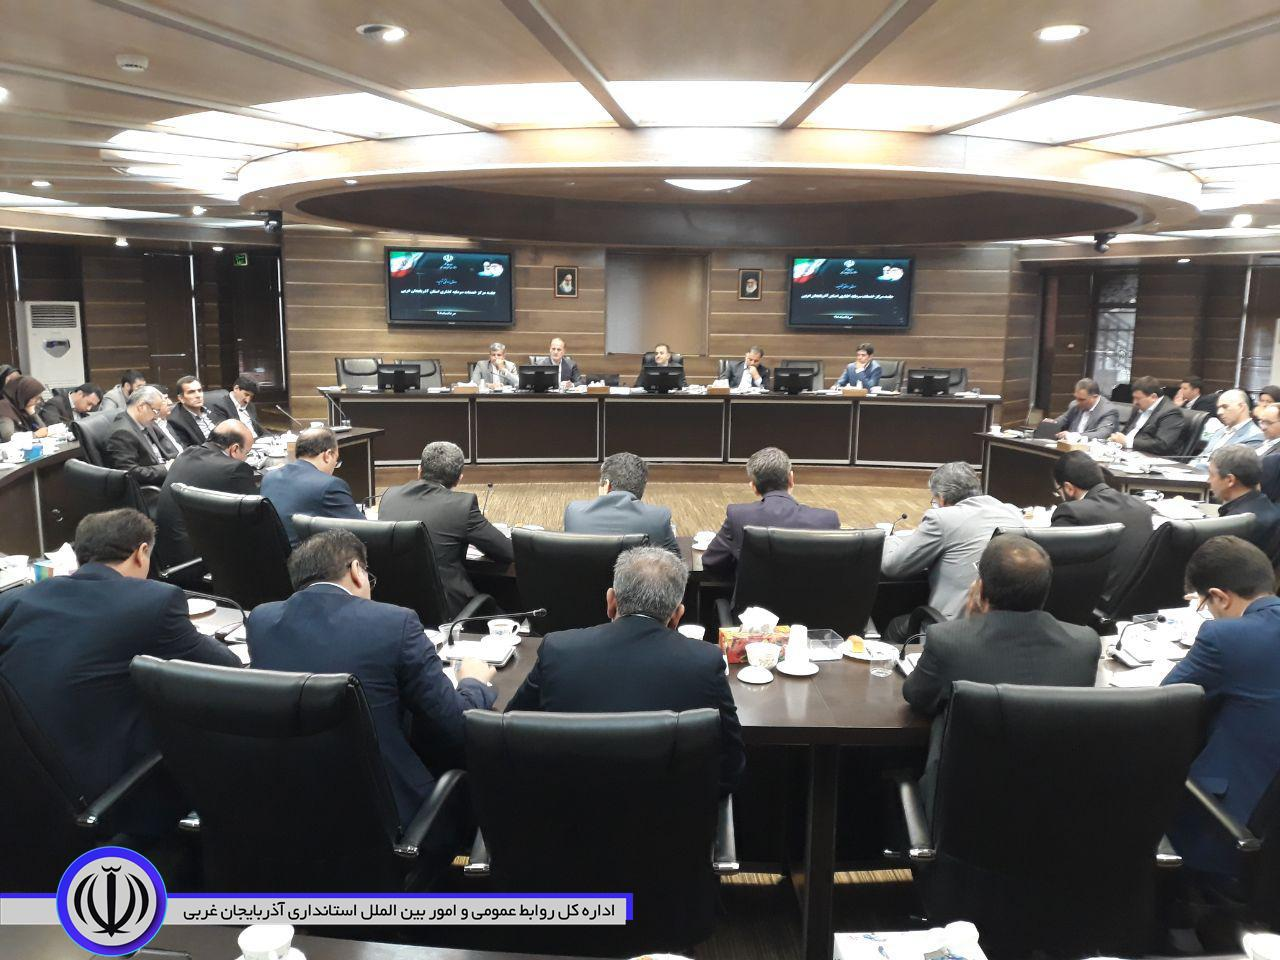 آذربایجان غربی رتبه اول فضای کسب و کار را به خود اختصاص داد